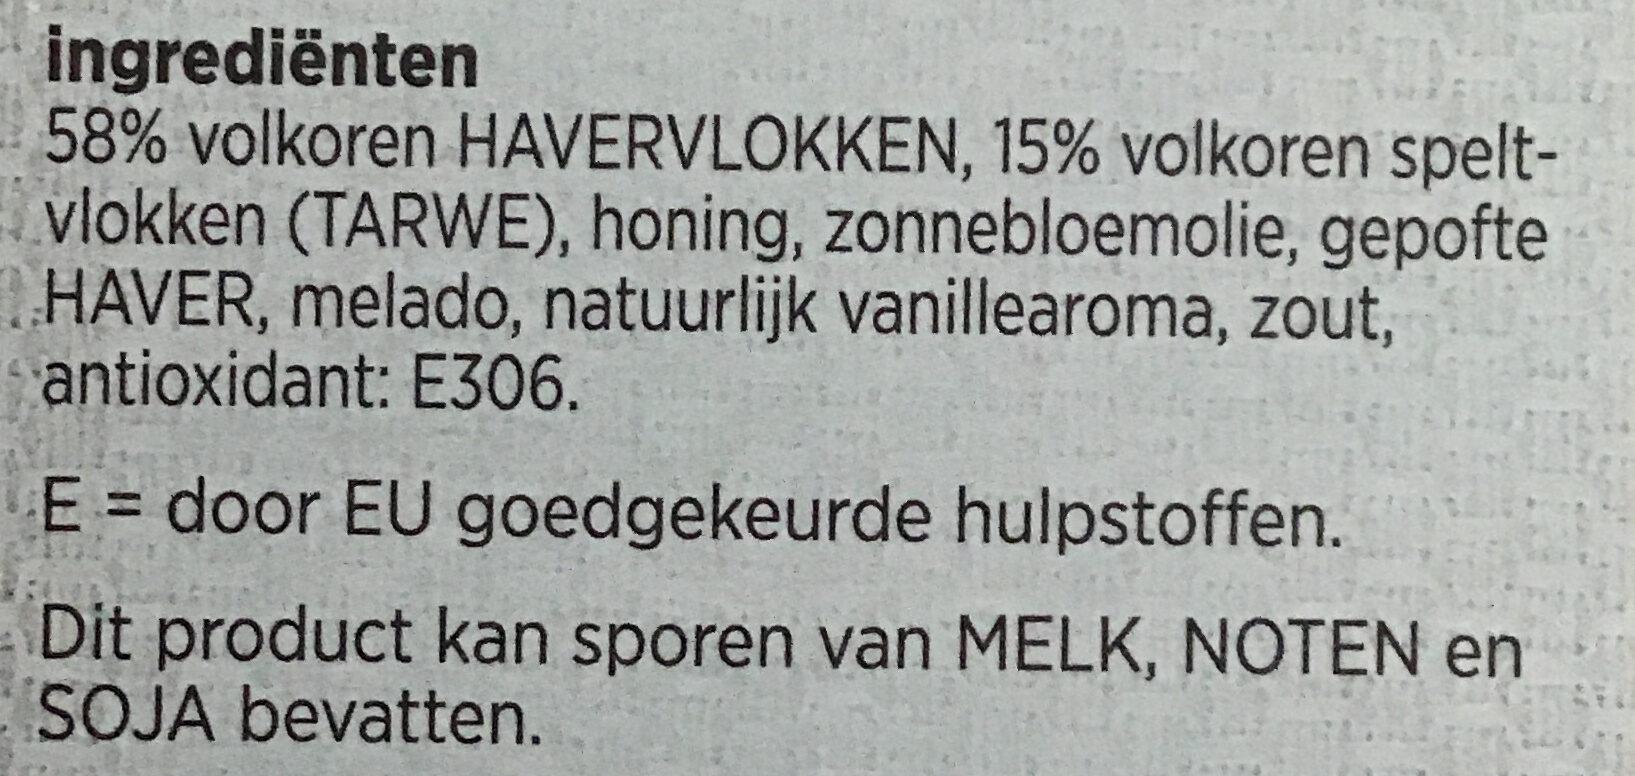 Granola naturel - Ingredients - nl